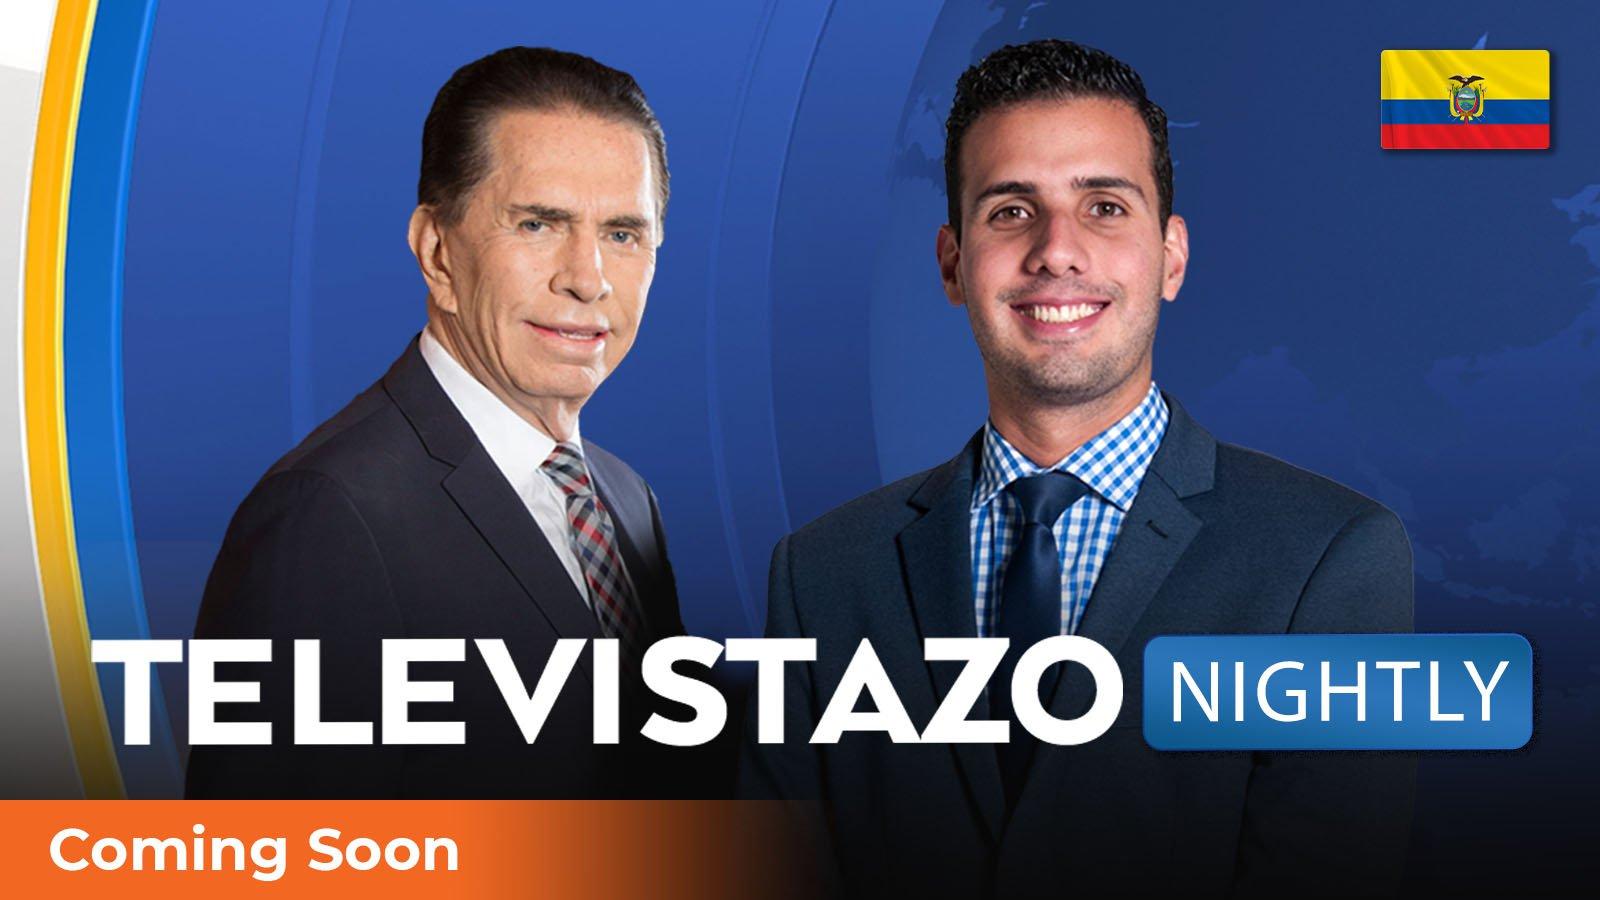 Nightly Televistazo poster